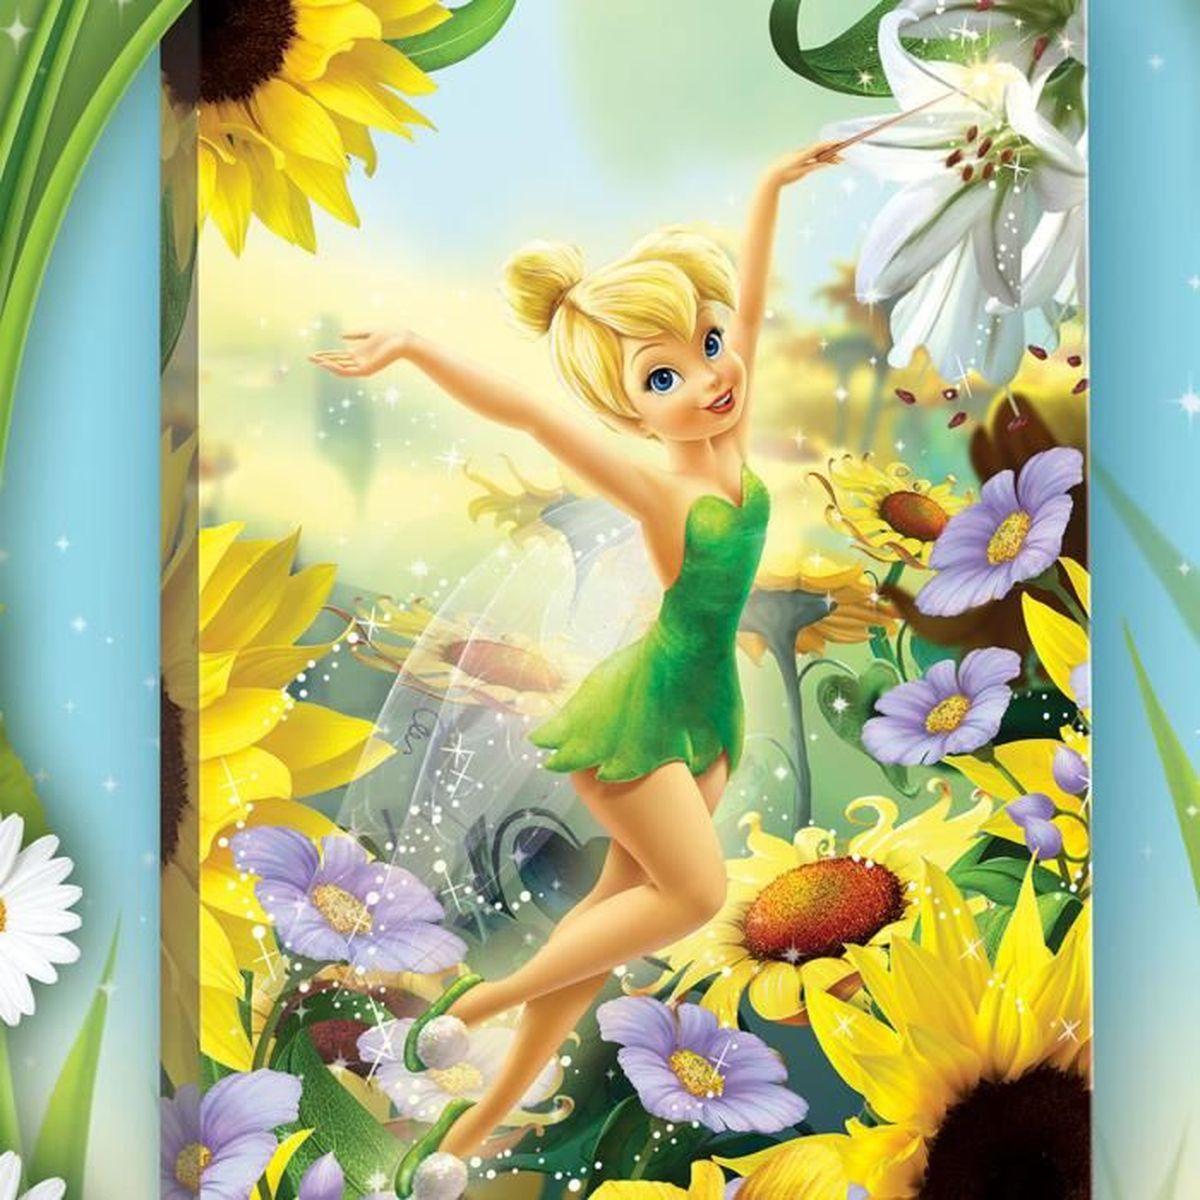 Tableau les tournesols f e clochette disney fairies achat vente tableau toile cdiscount - Image de la fee clochette ...